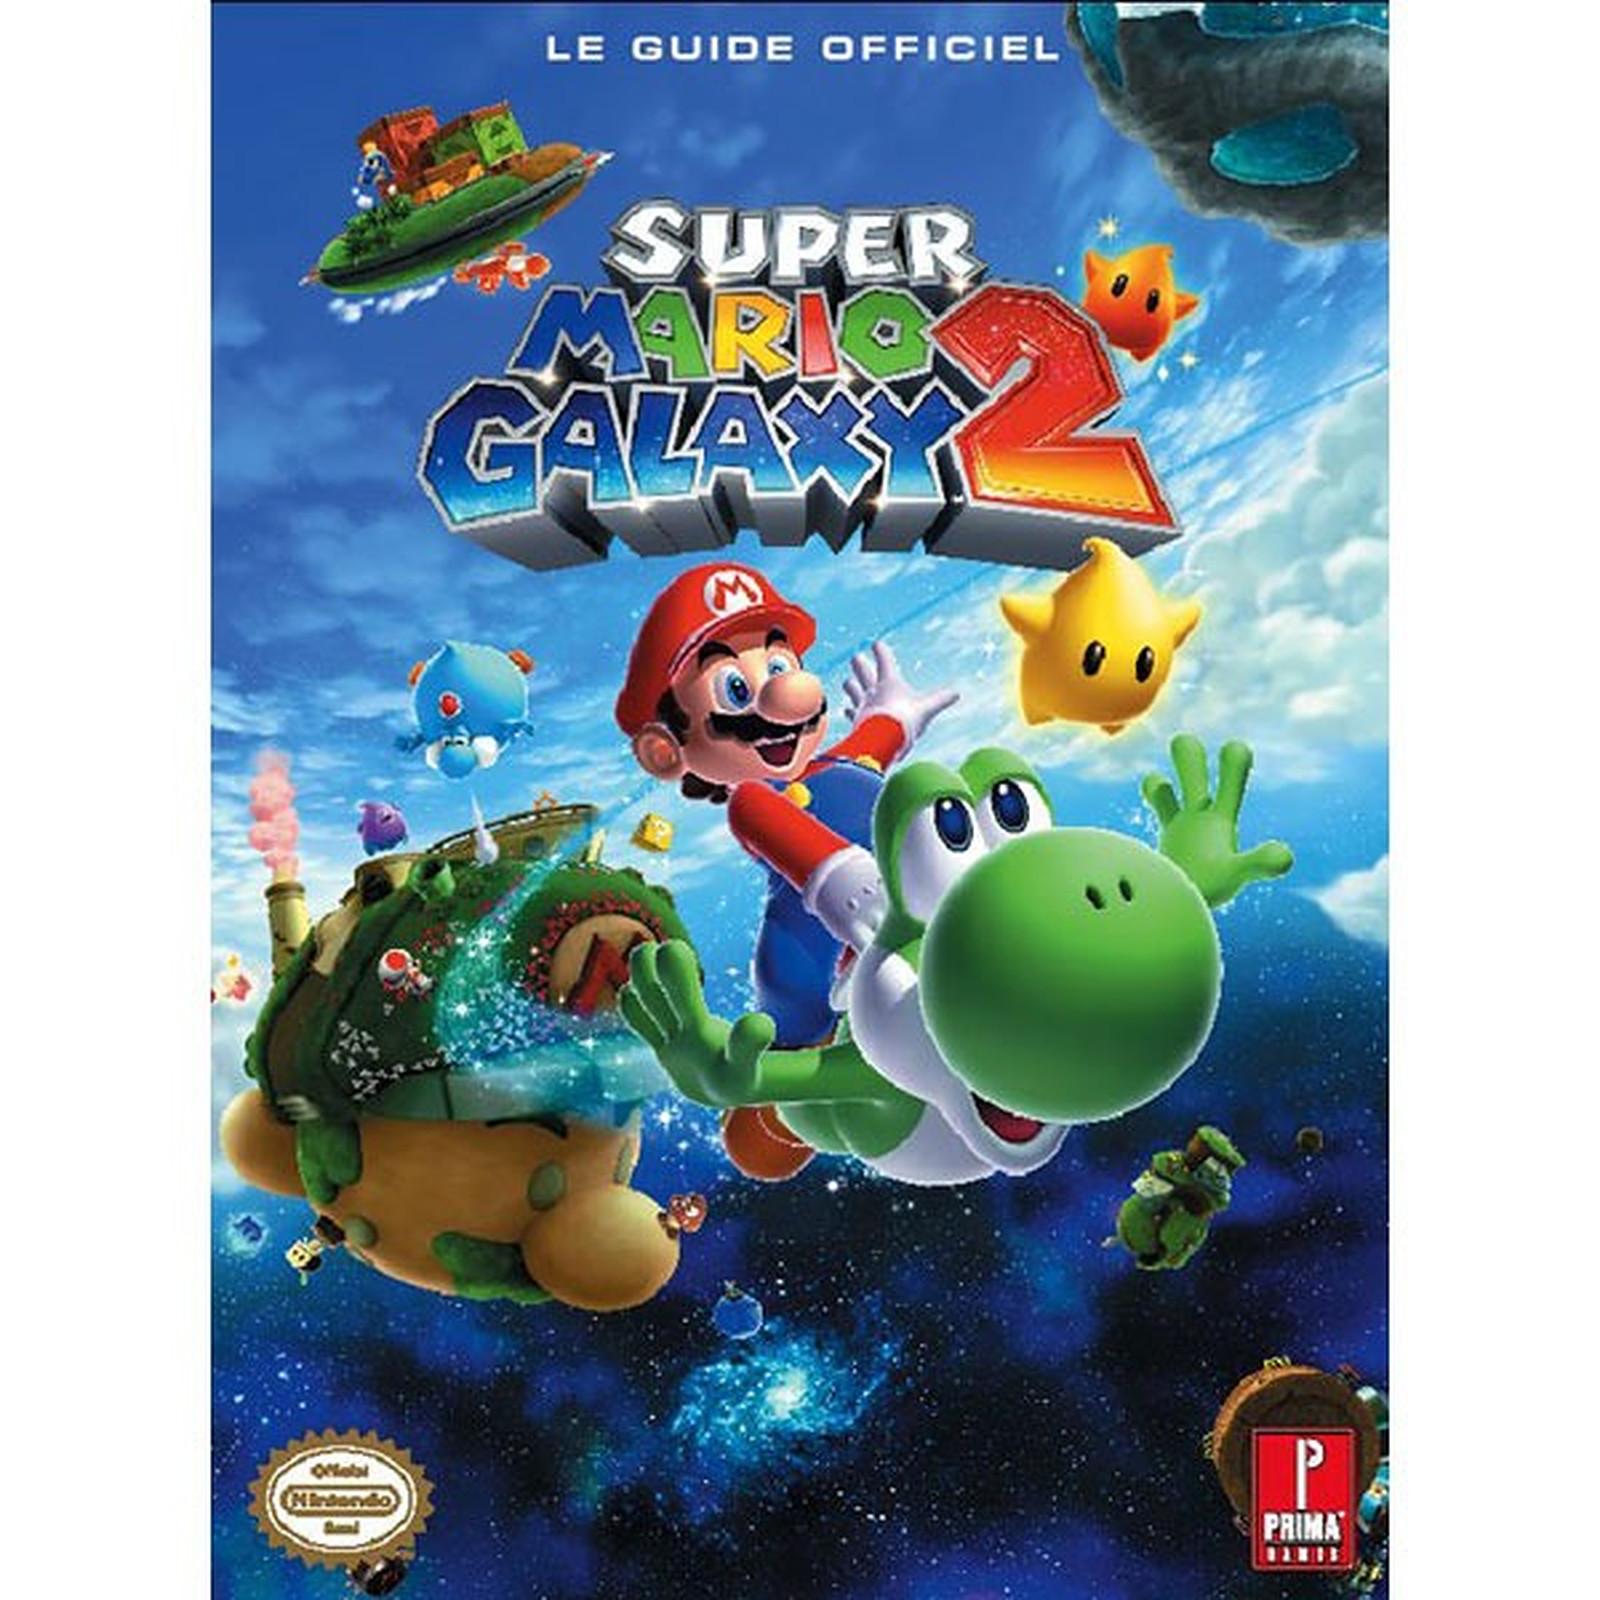 Prima Games - Guide Officiel Super Mario Galaxy 2